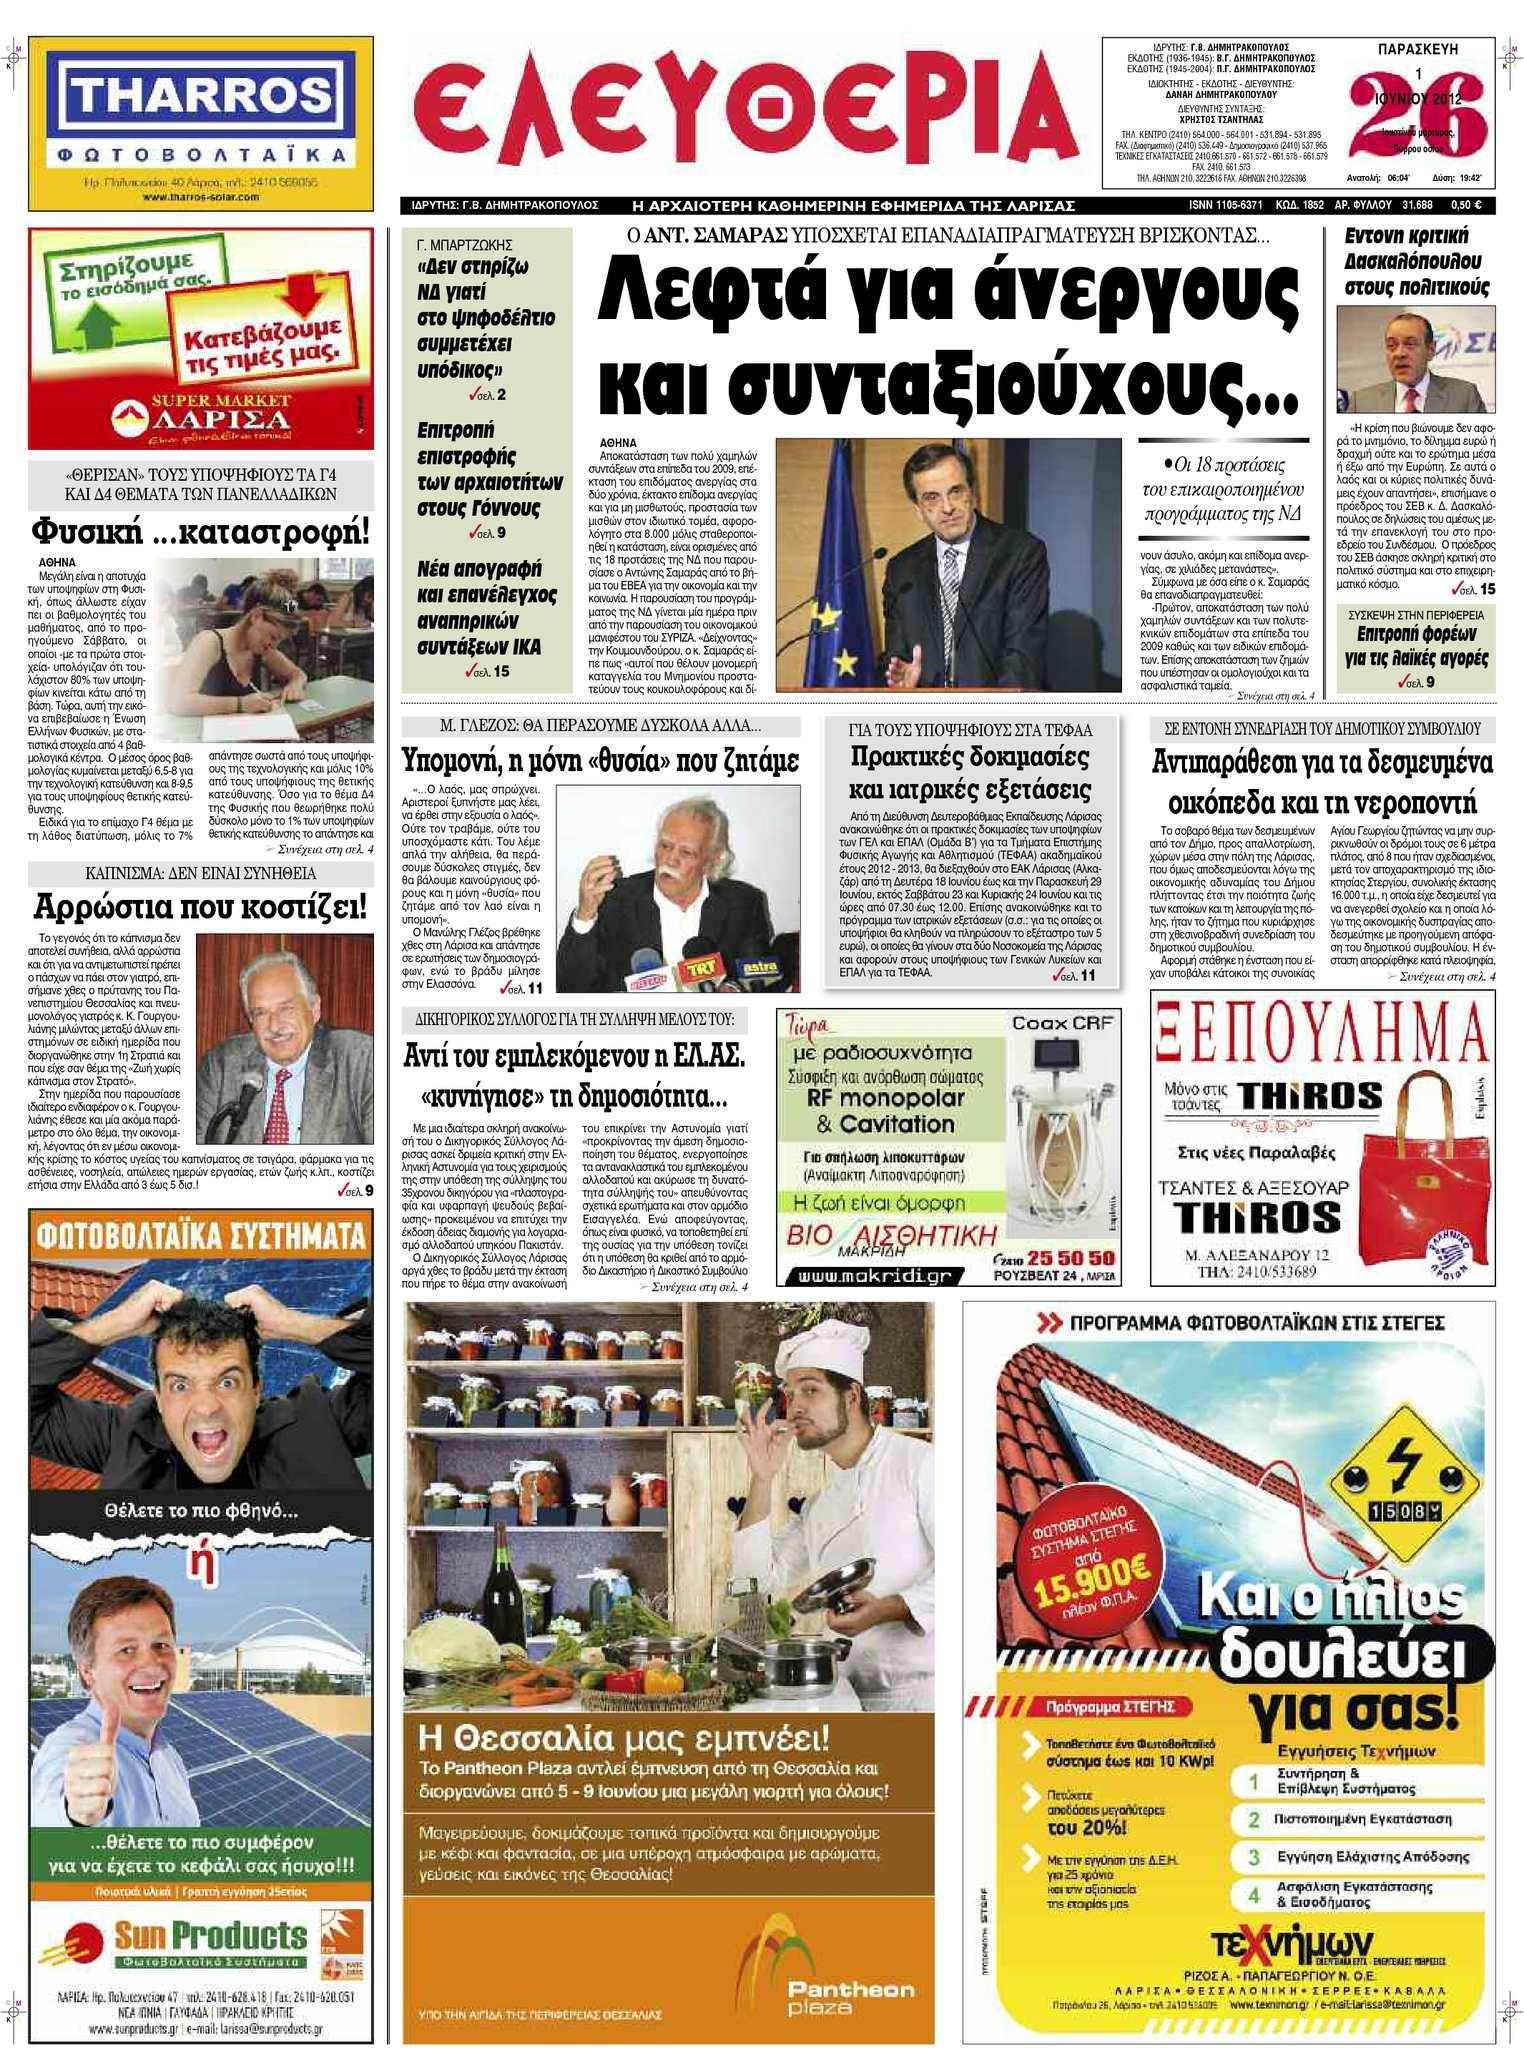 Calaméo - Eleftheria.gr 1 6 2012 de26318fe3b